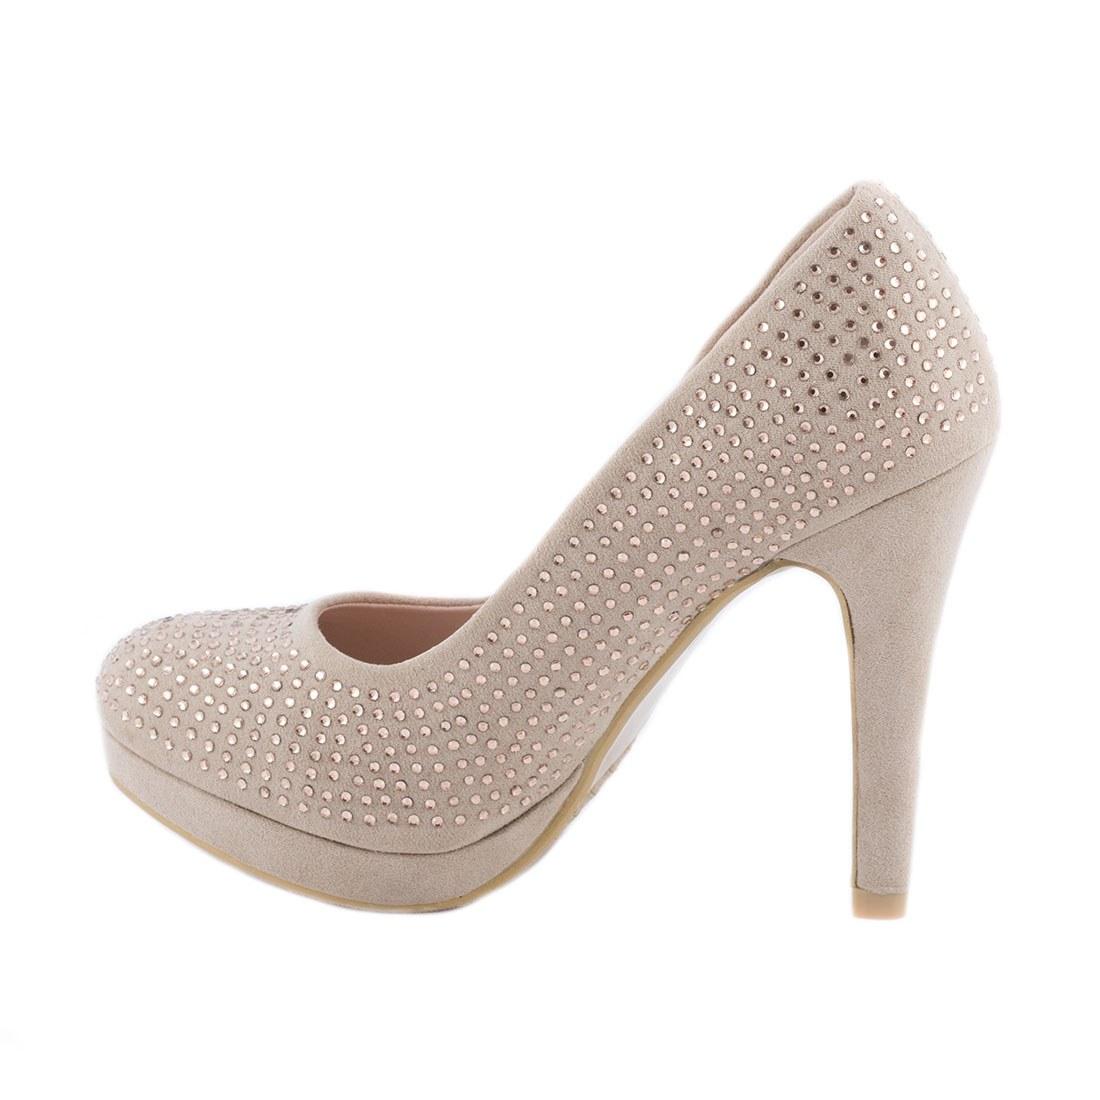 Pantofi dama cu strasuri M3212-8CHAMPAGNE